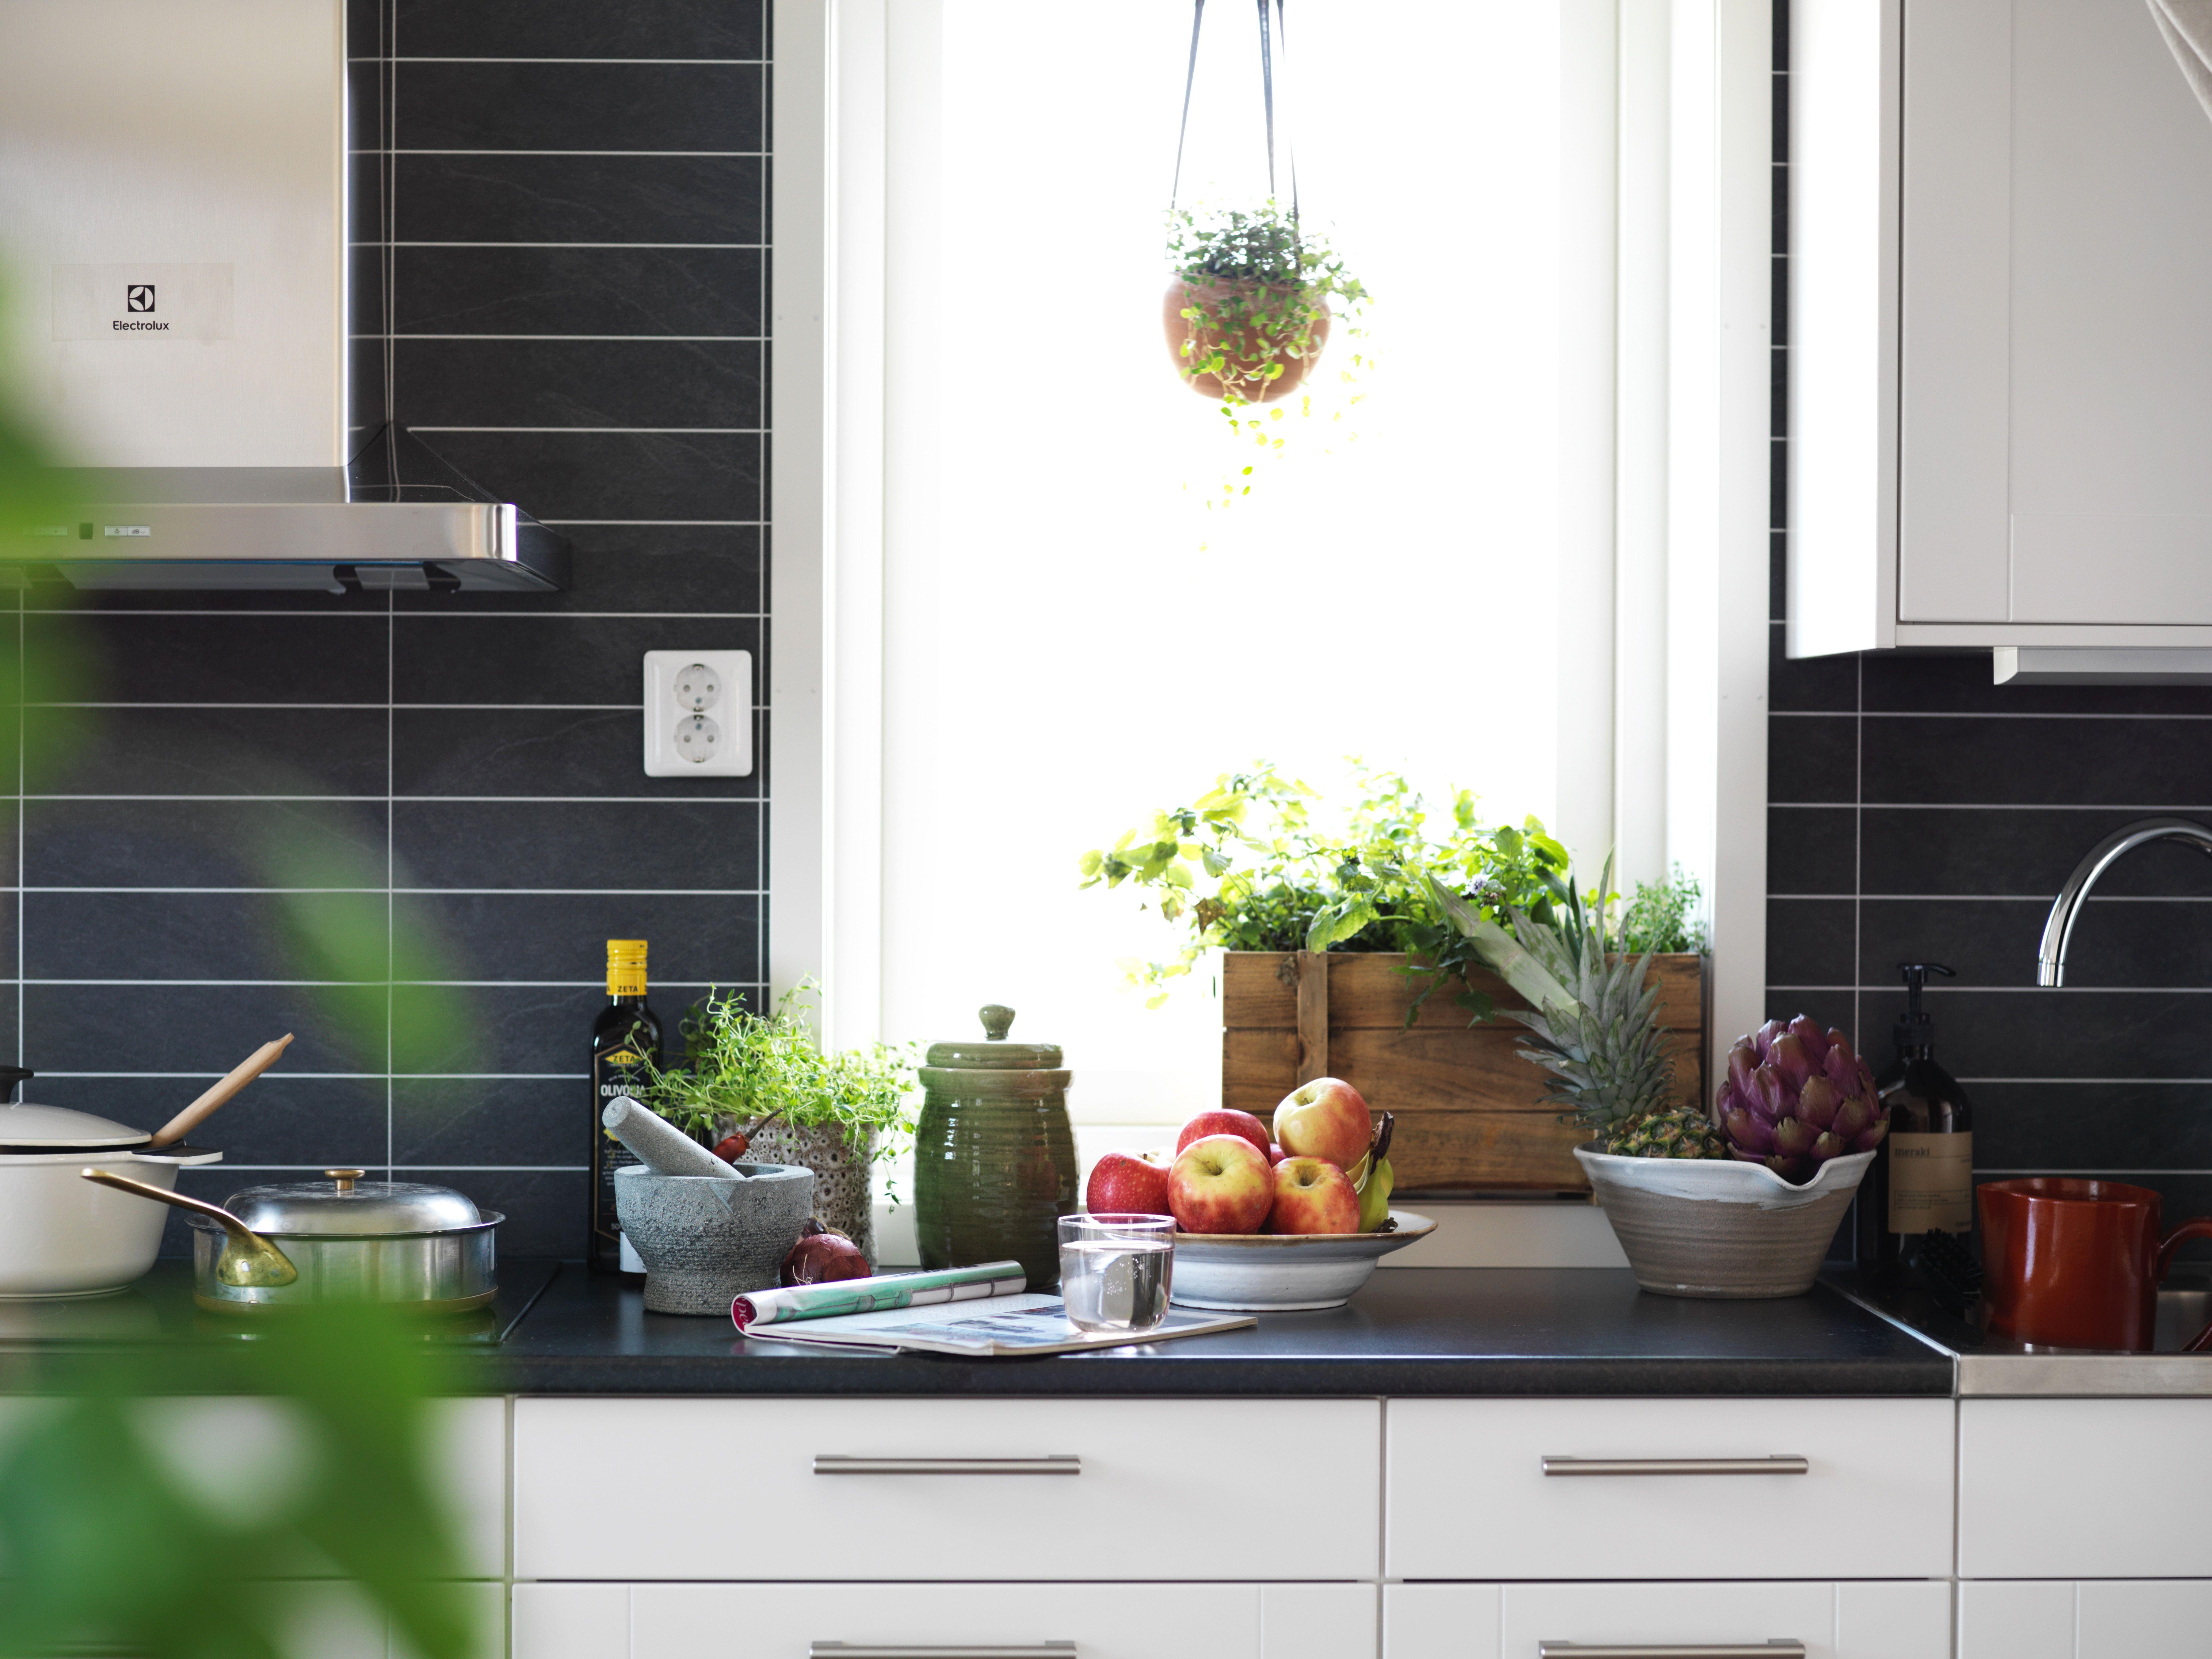 Fibo kitchenboard